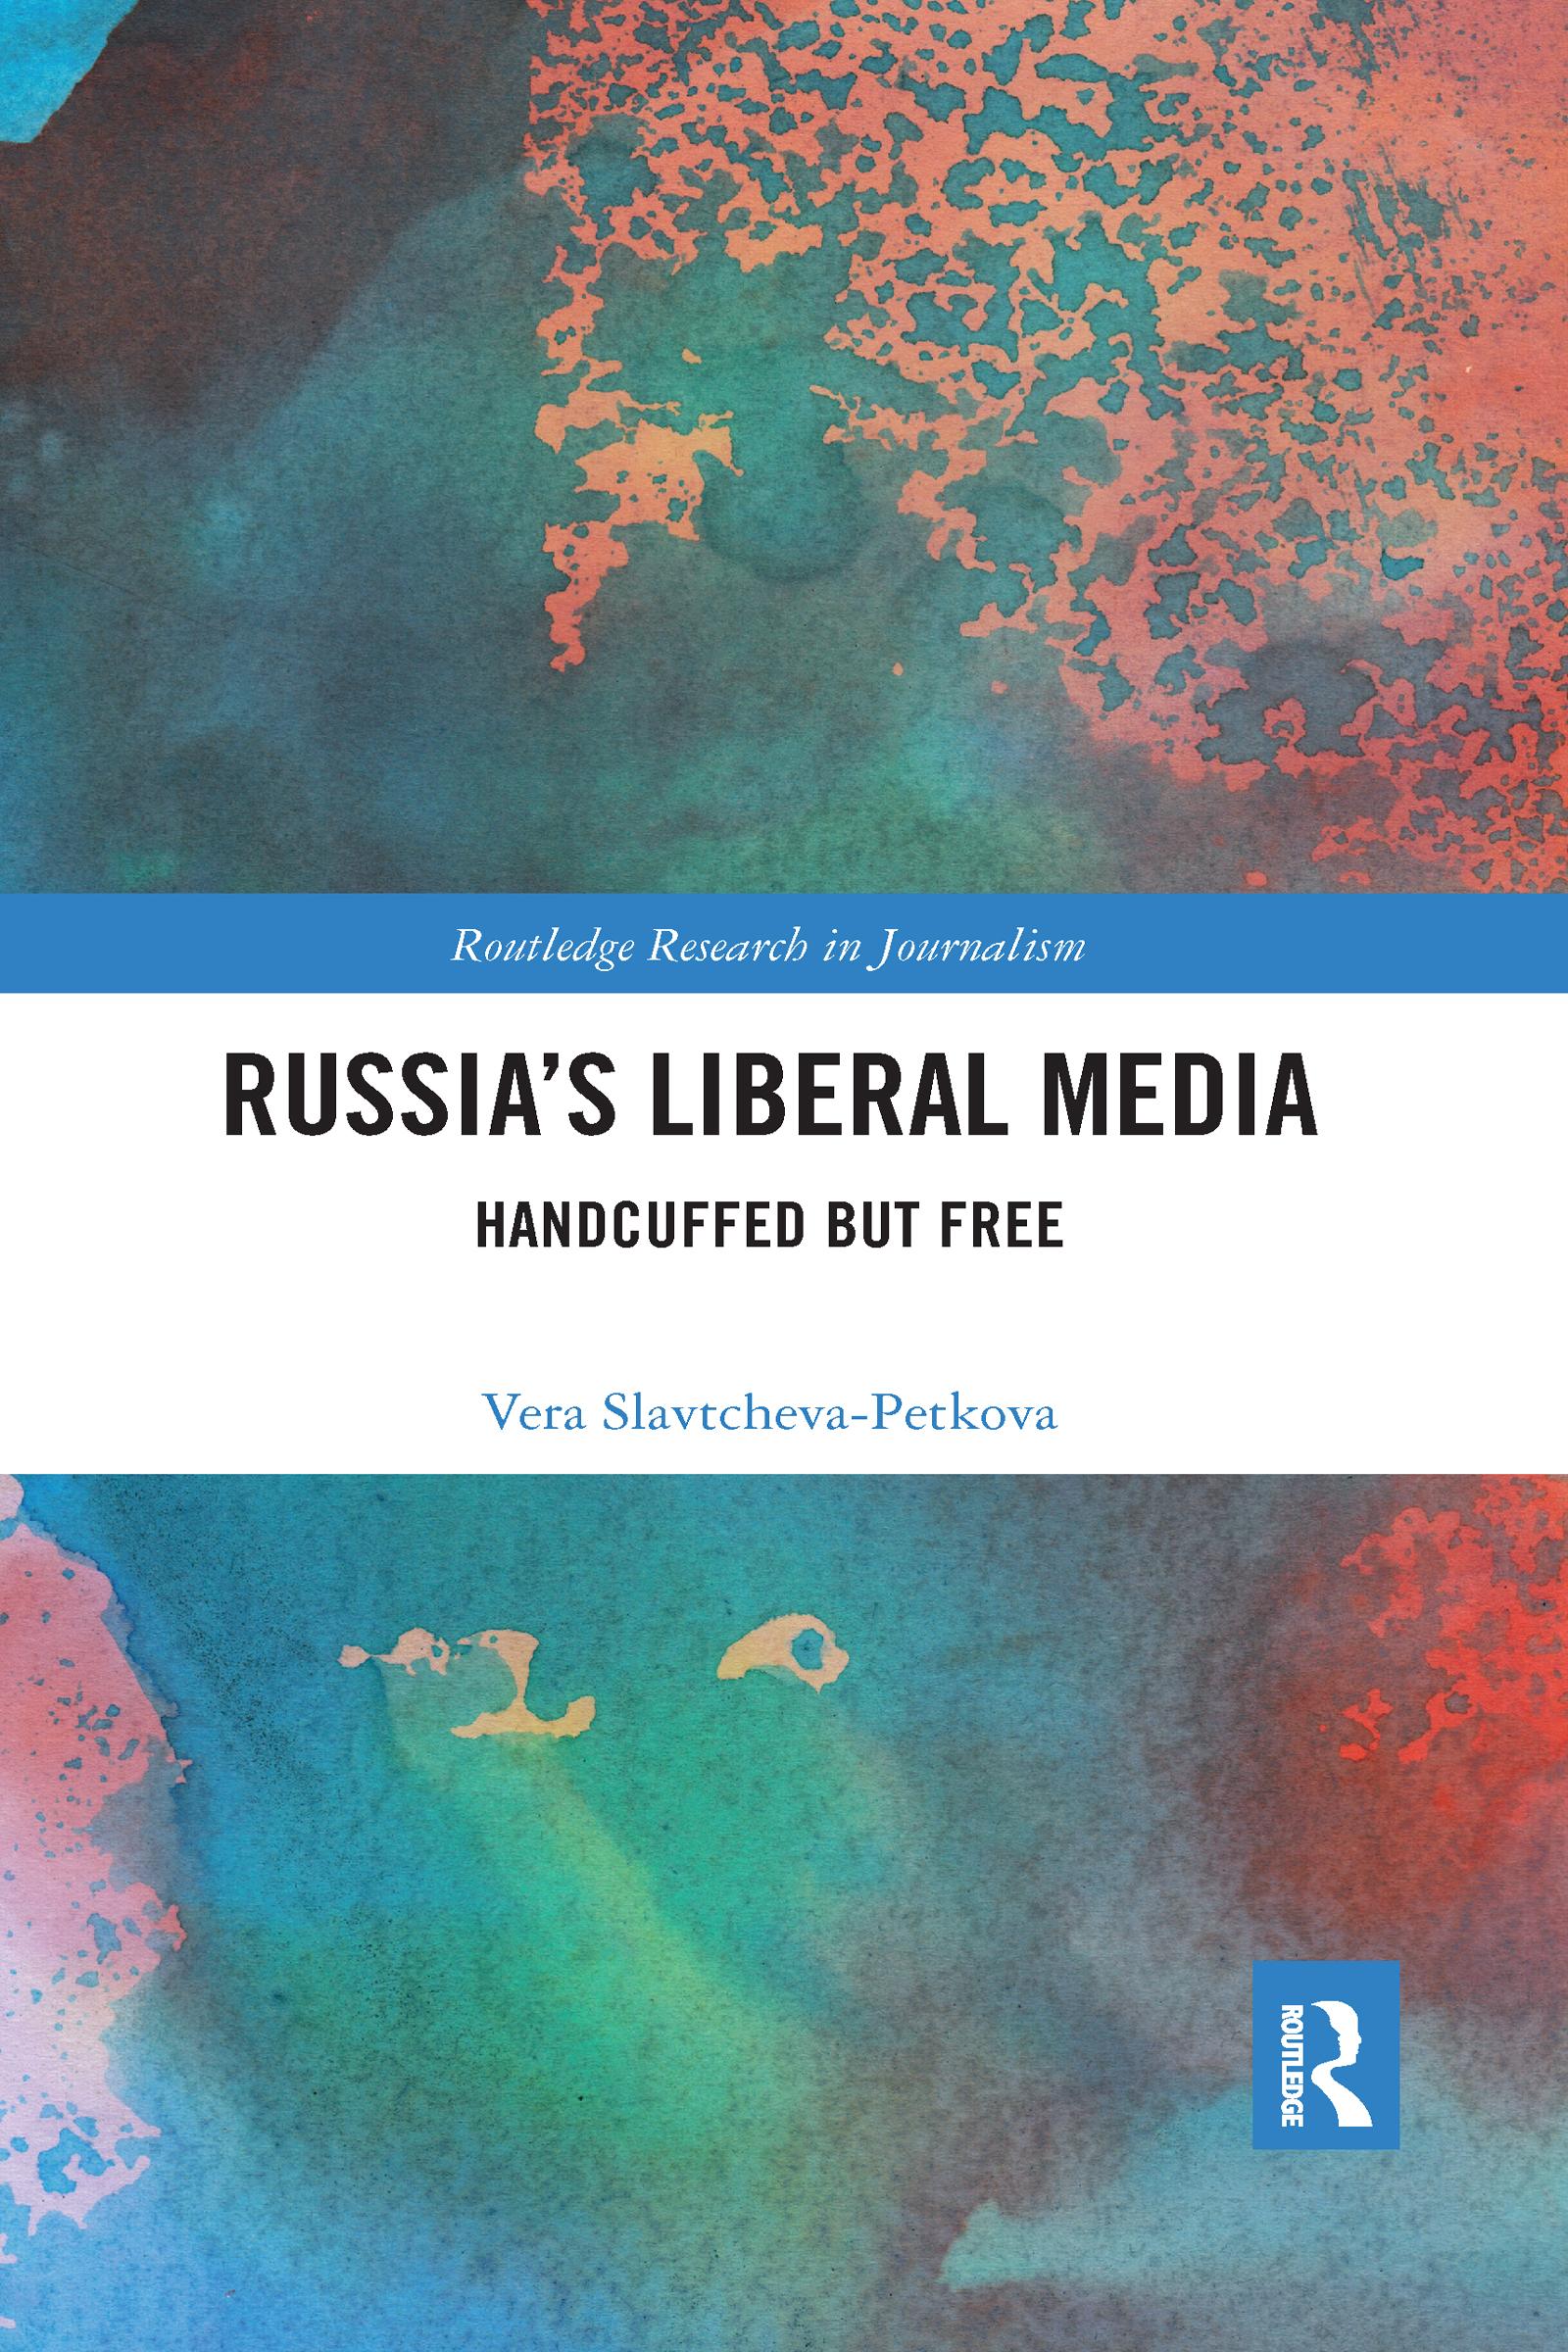 Russia's Liberal Media